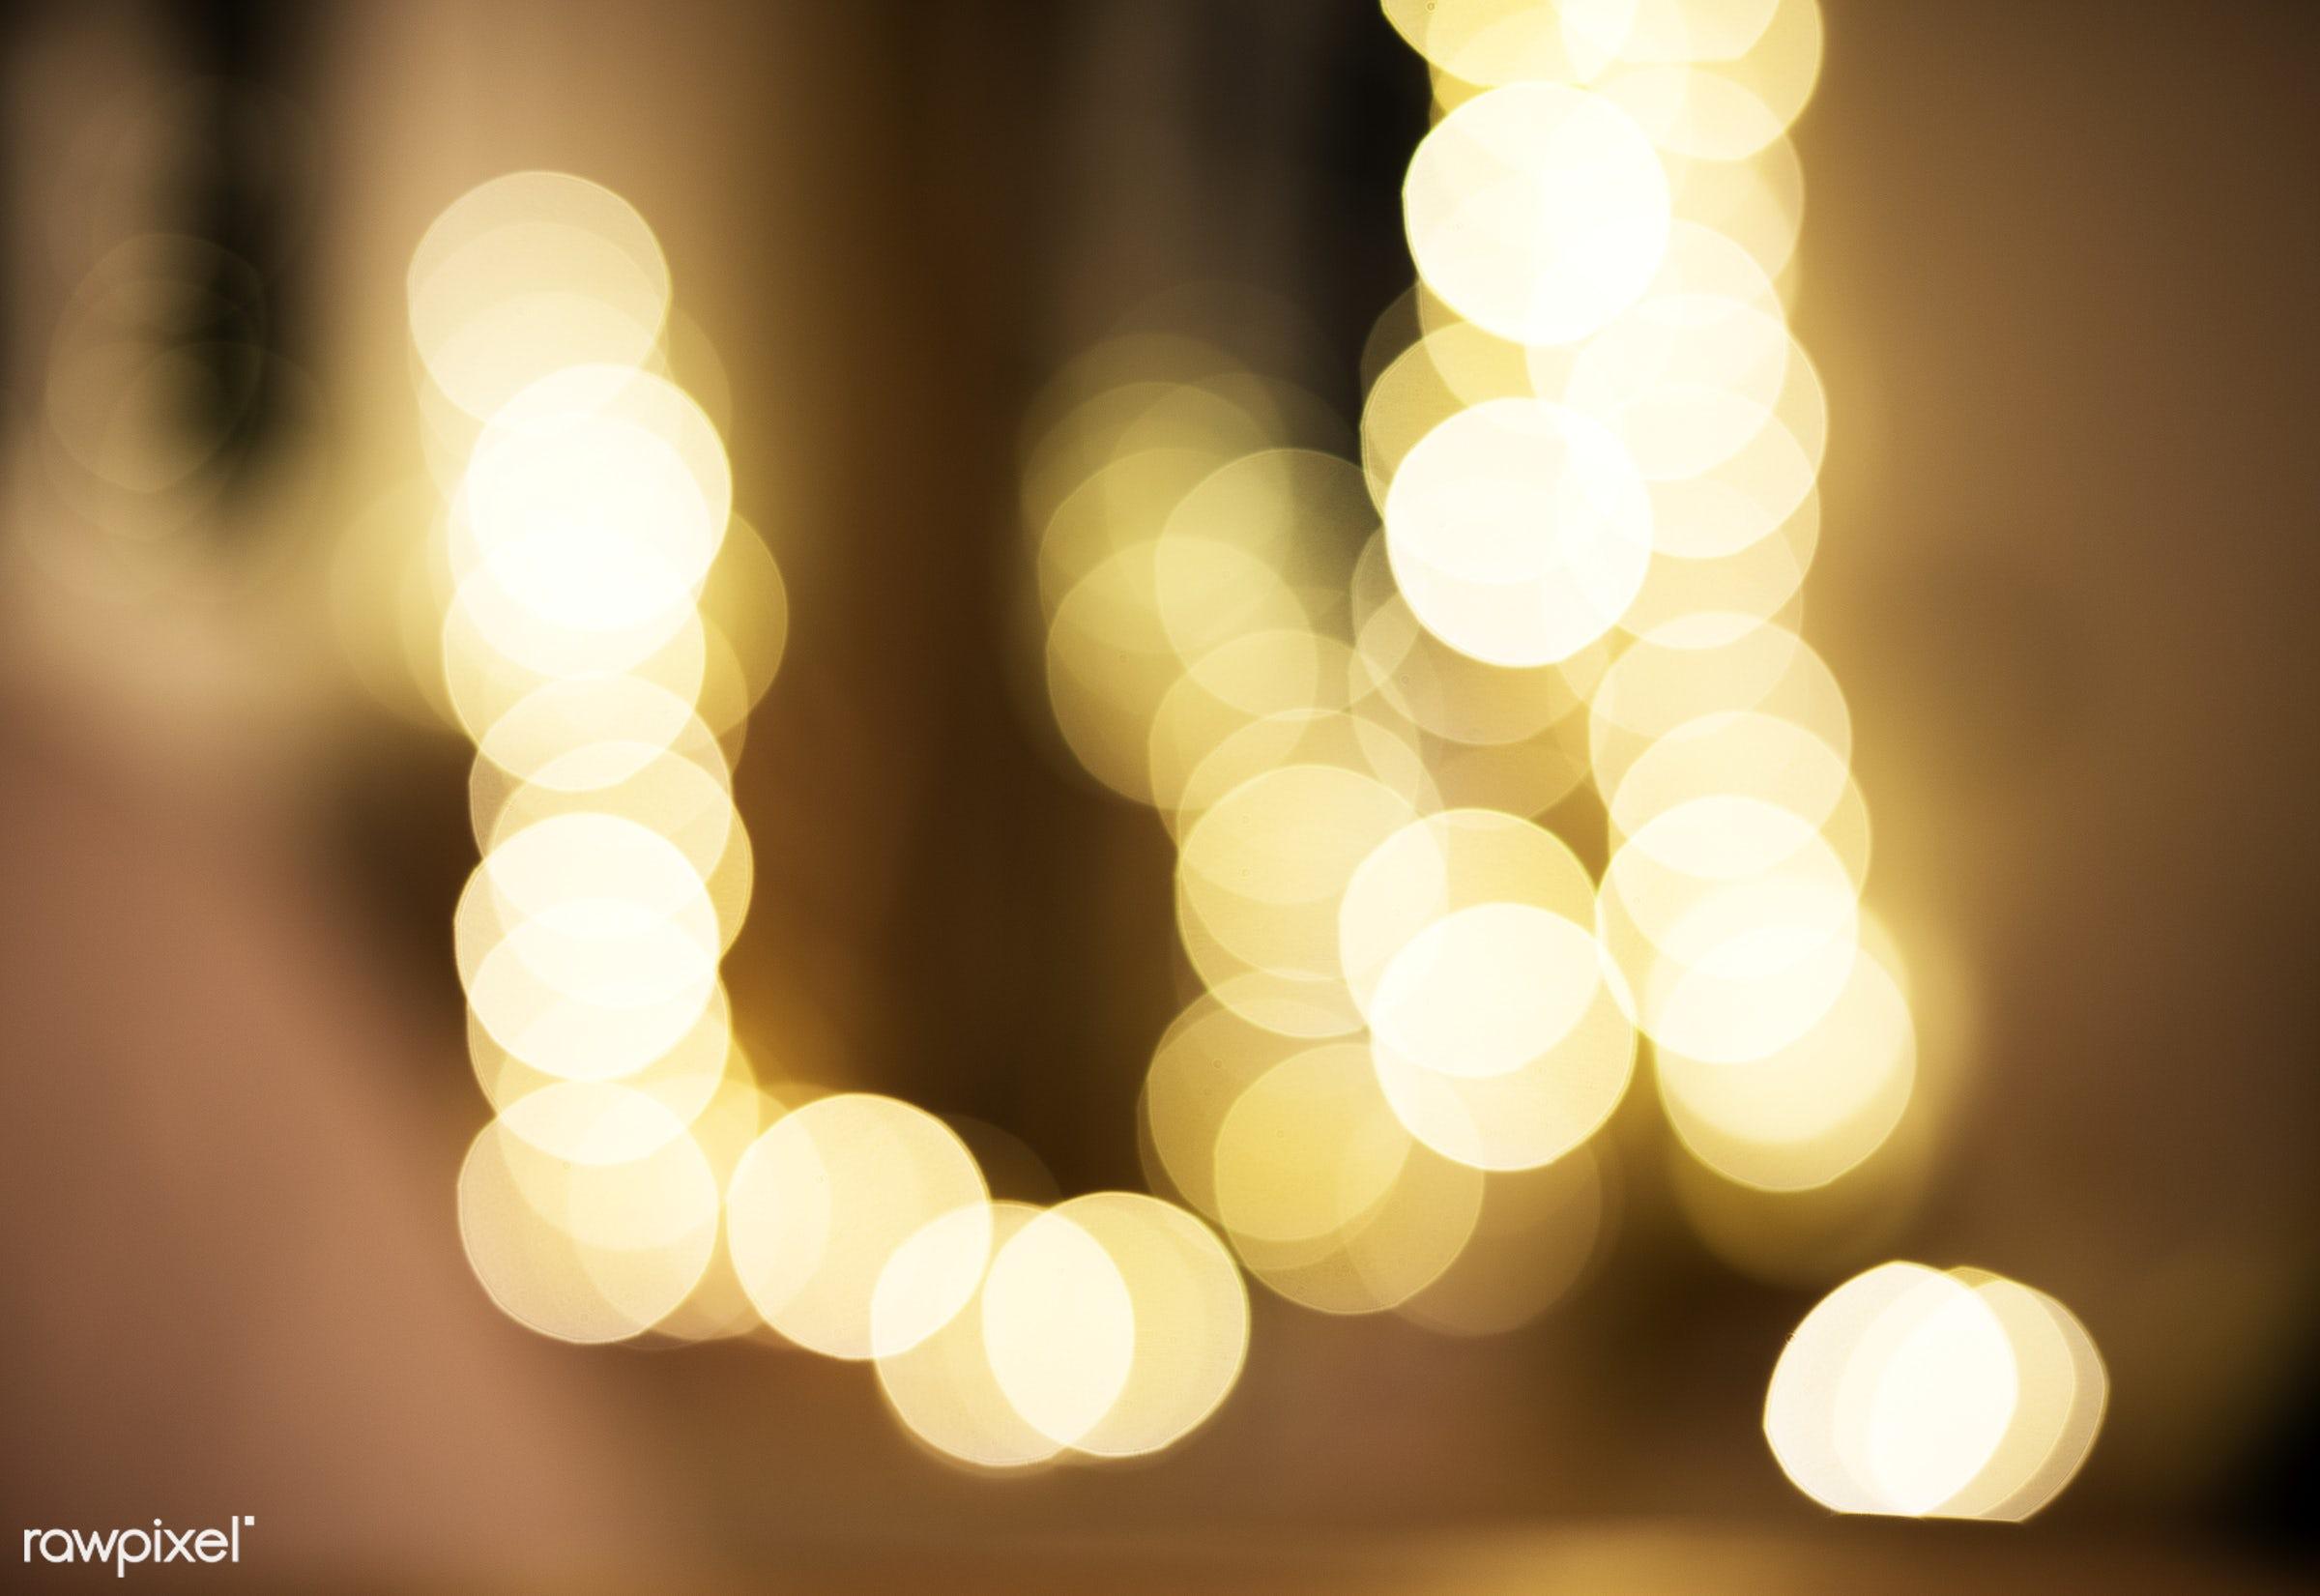 Blurred light at night - 2018, blurred, bokeh, cc0, celebrate, celebration, creative common 0, creative commons 0, decorate...